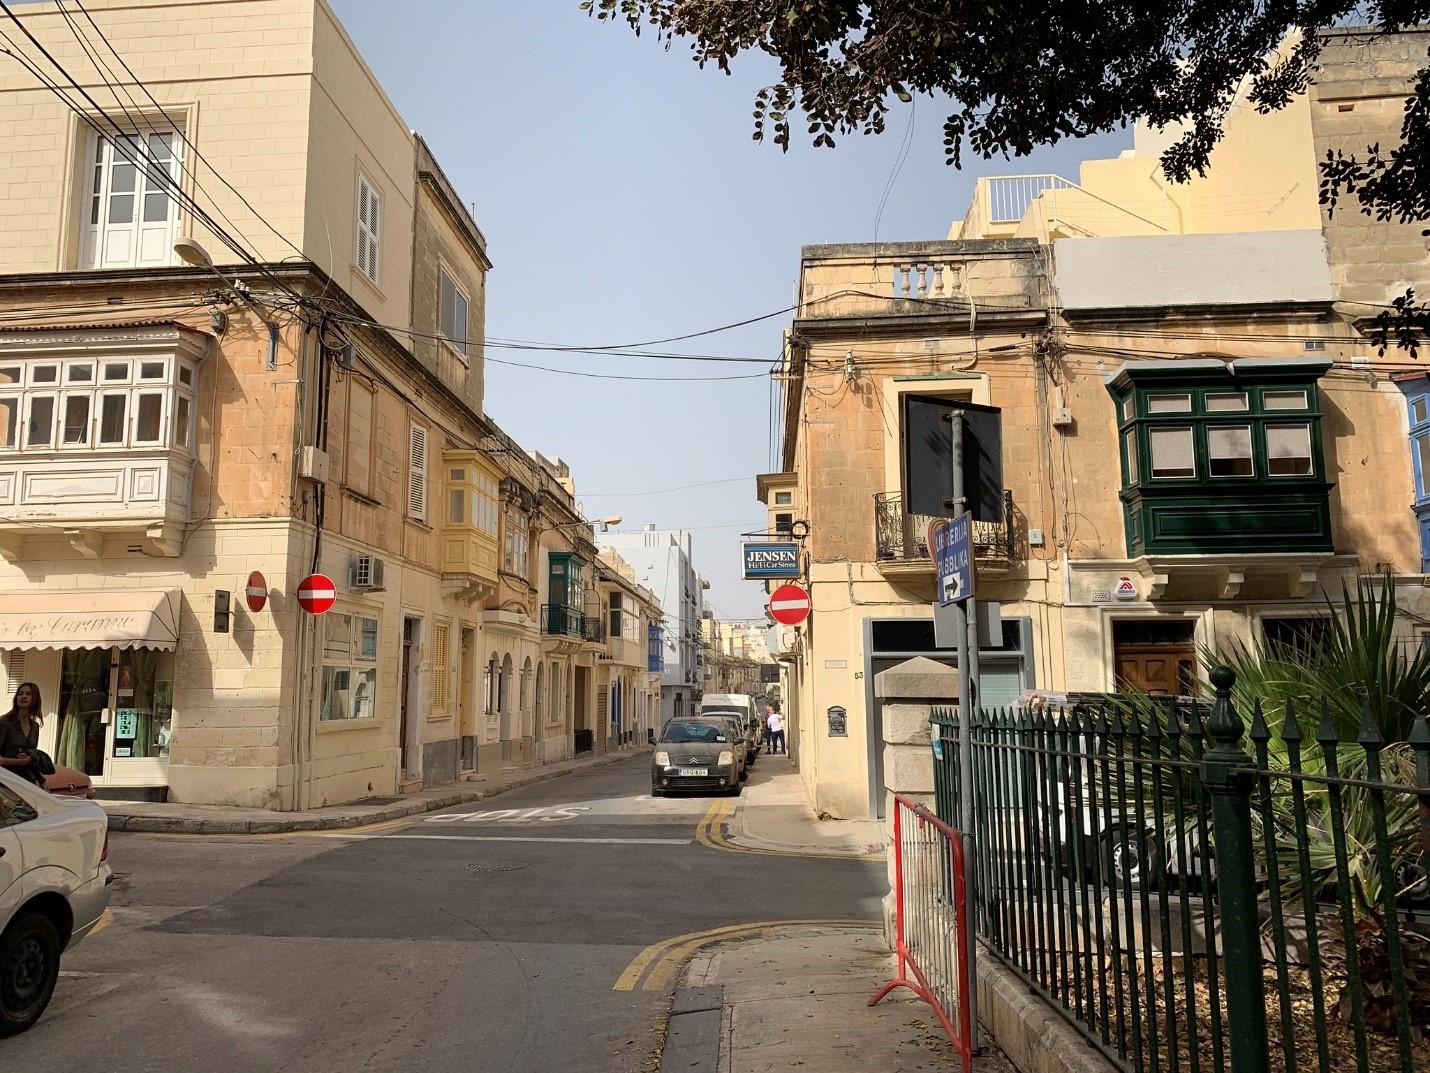 Đường phố cổ kính và xinh đẹp - Hình trong chuyến khảo sát của NVS